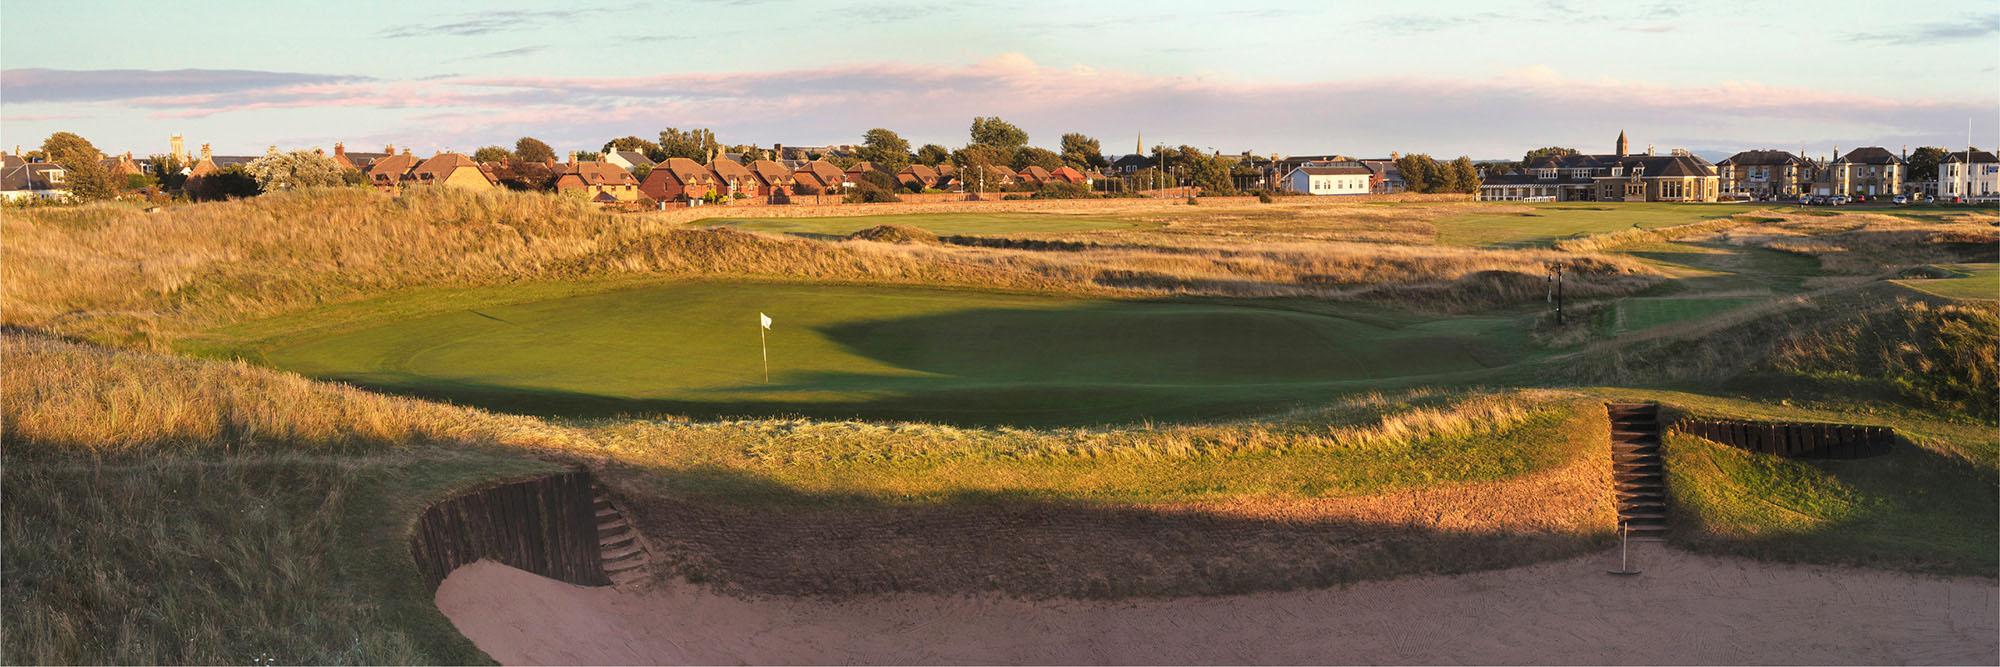 Golf Course Image - Prestwick No. 17